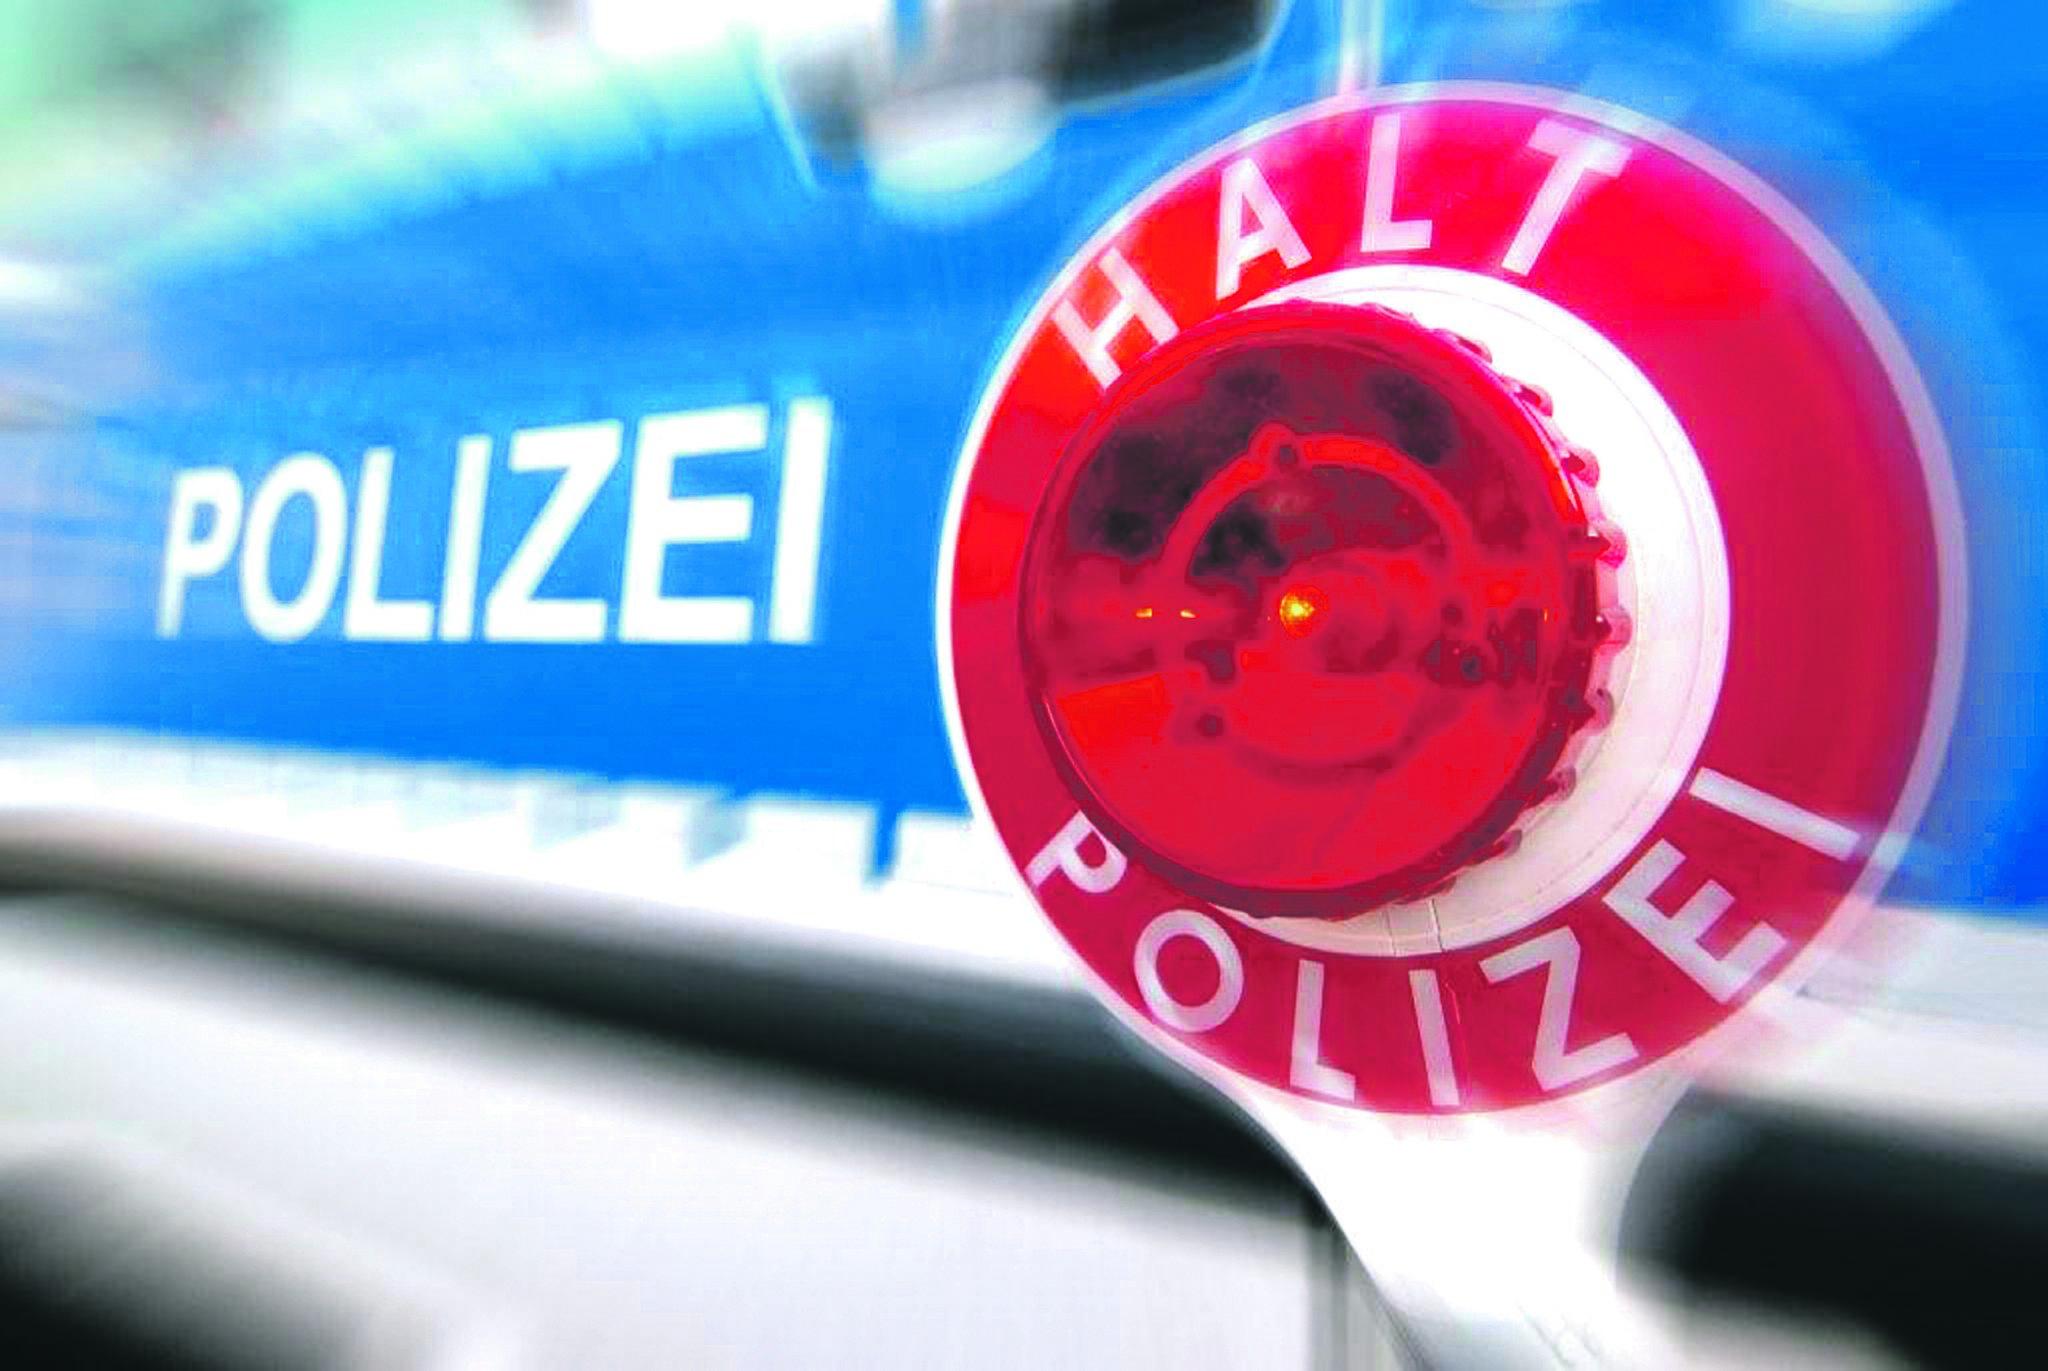 Warnung Vor Neuer Droge Ist Quatsch Dortmund City